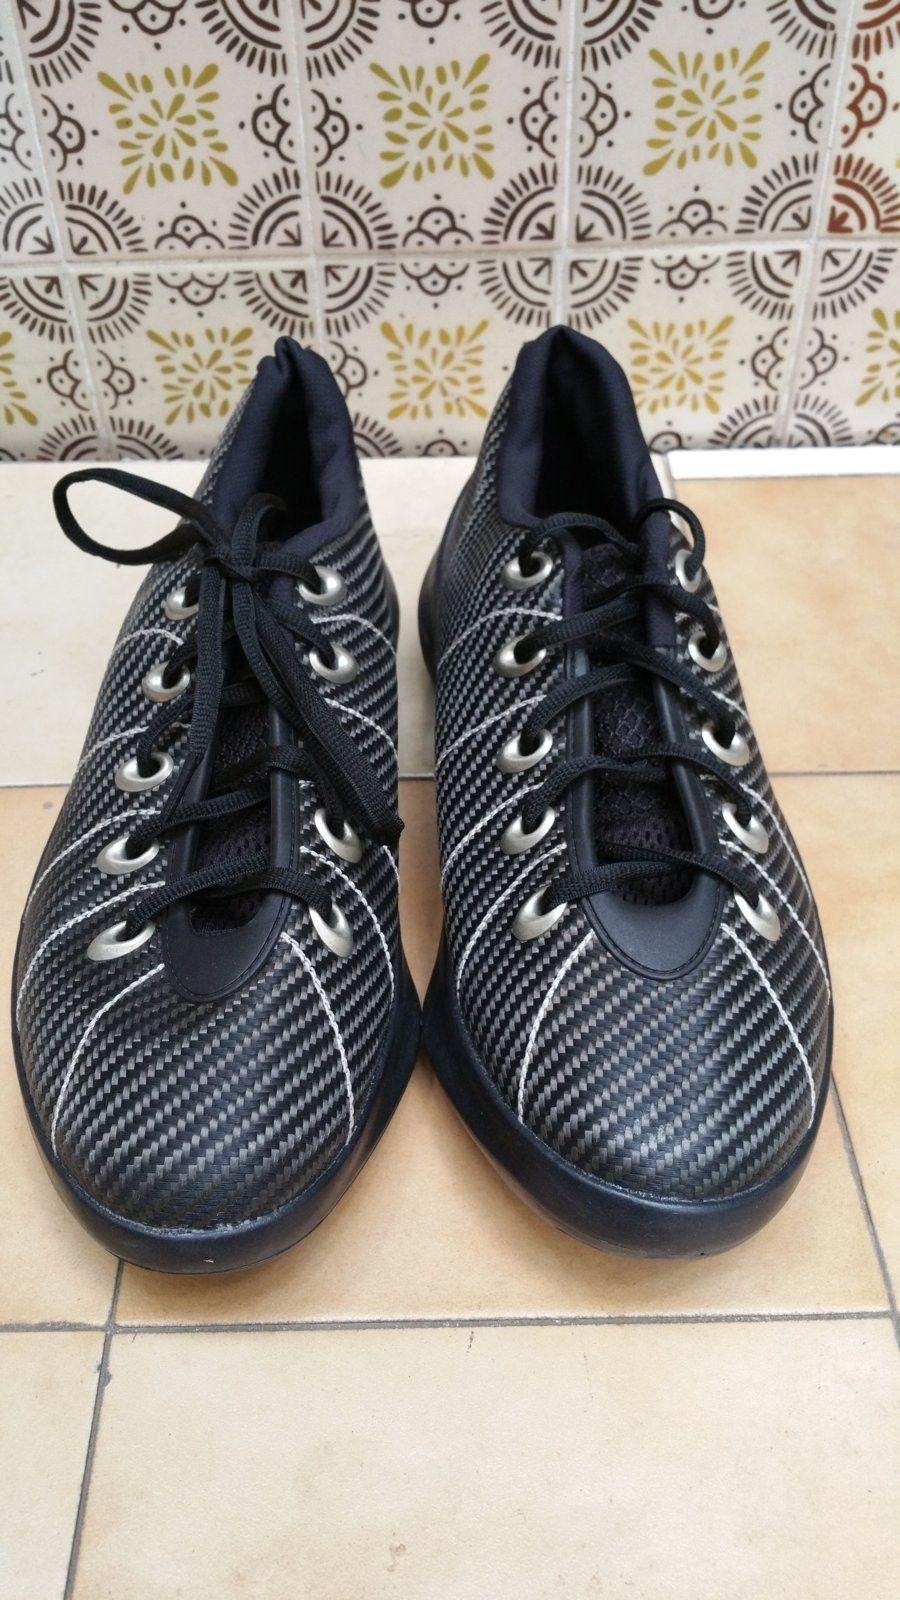 Oakley shoe one 11us size - 20160429_095315.jpg